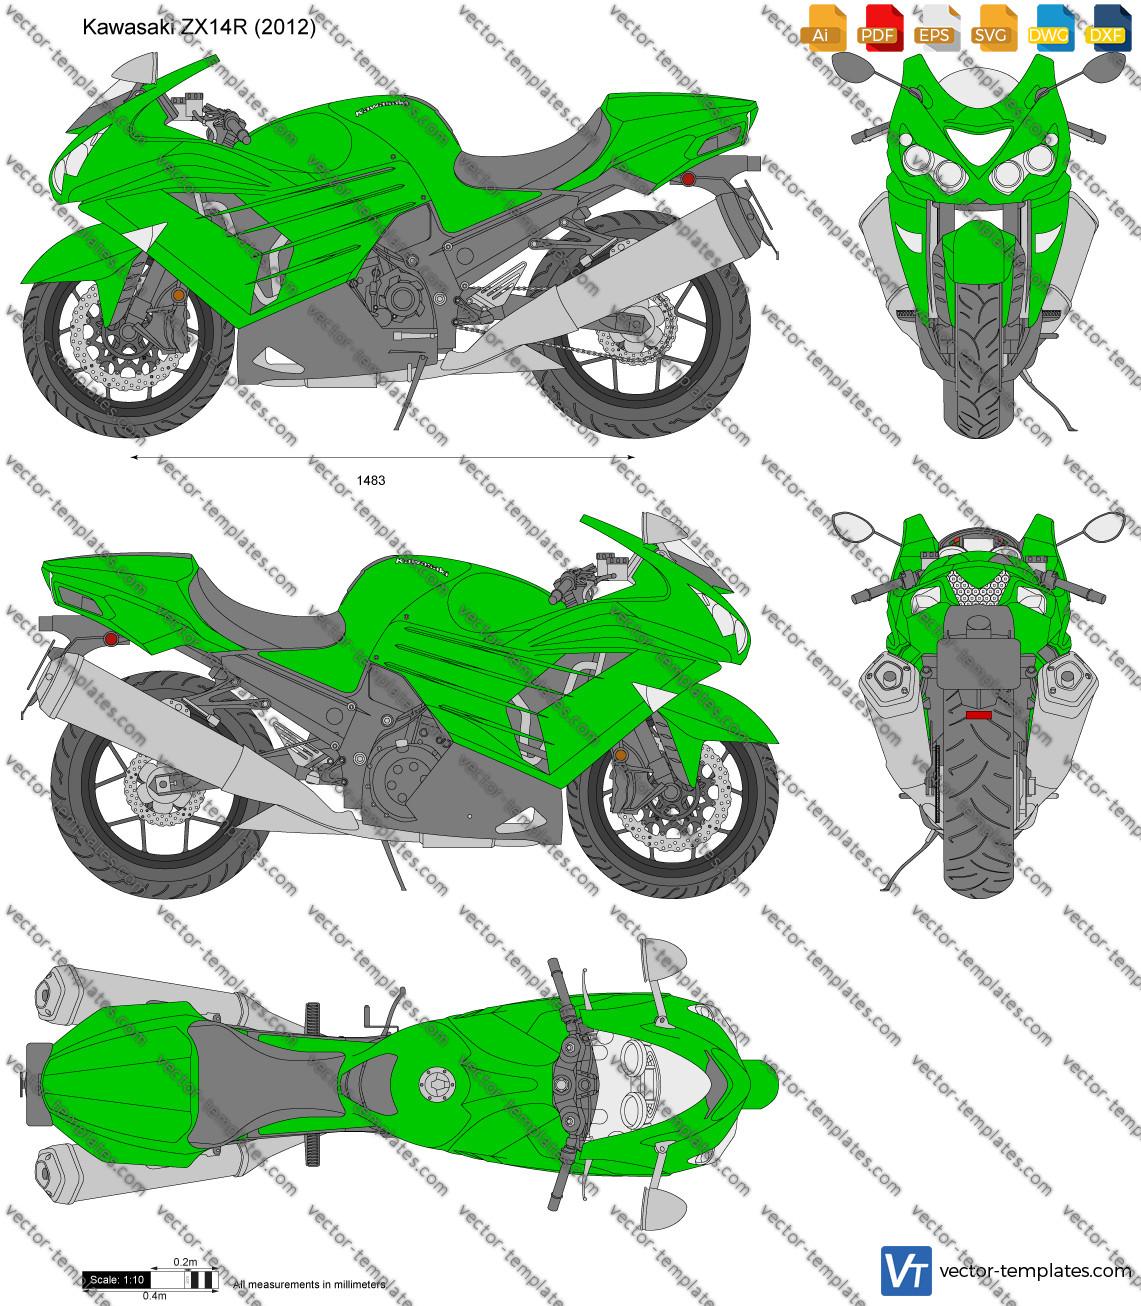 Kawasaki ZX14R 2012